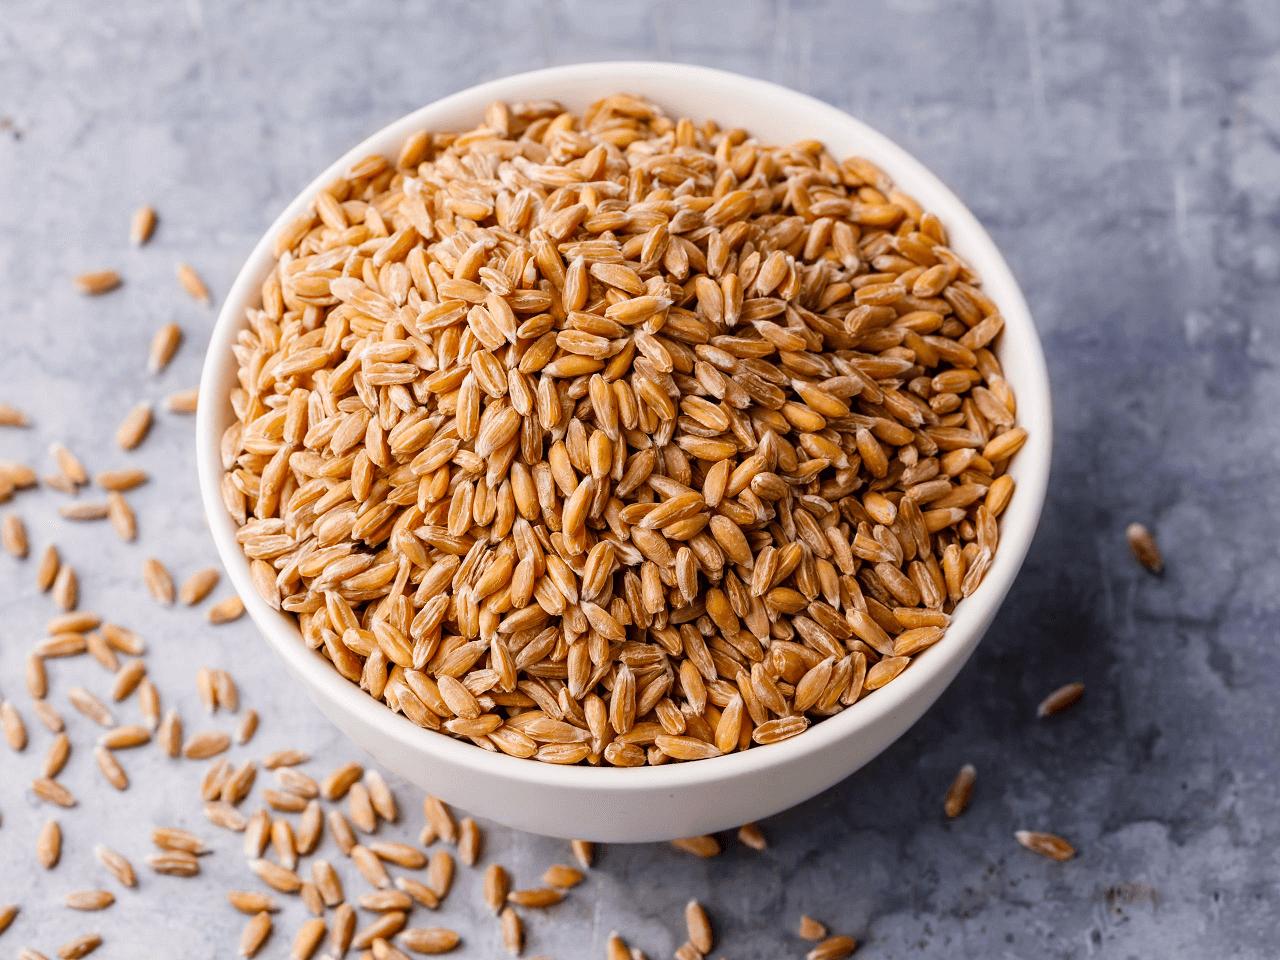 Üretimi Azalan Buğdayda Rekor İthalat Bekleniyor